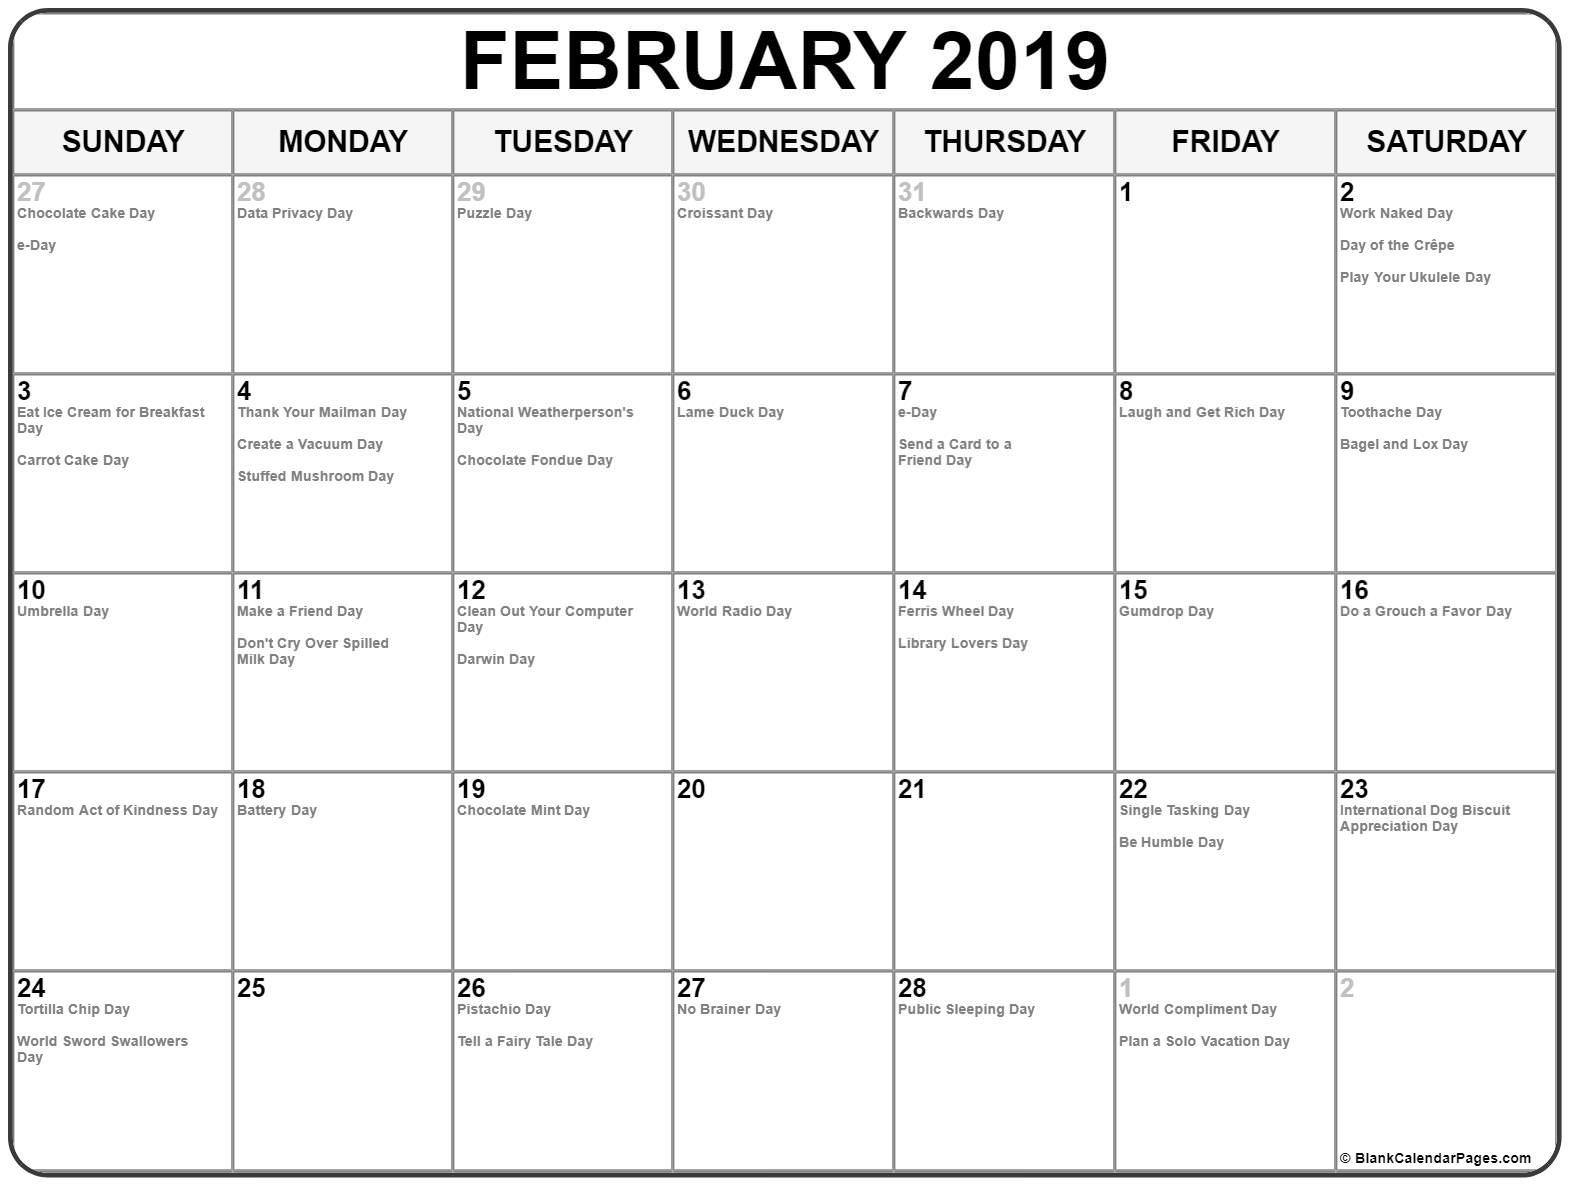 February 2019 Whacky Holidays Calendar February 2019 Calendar